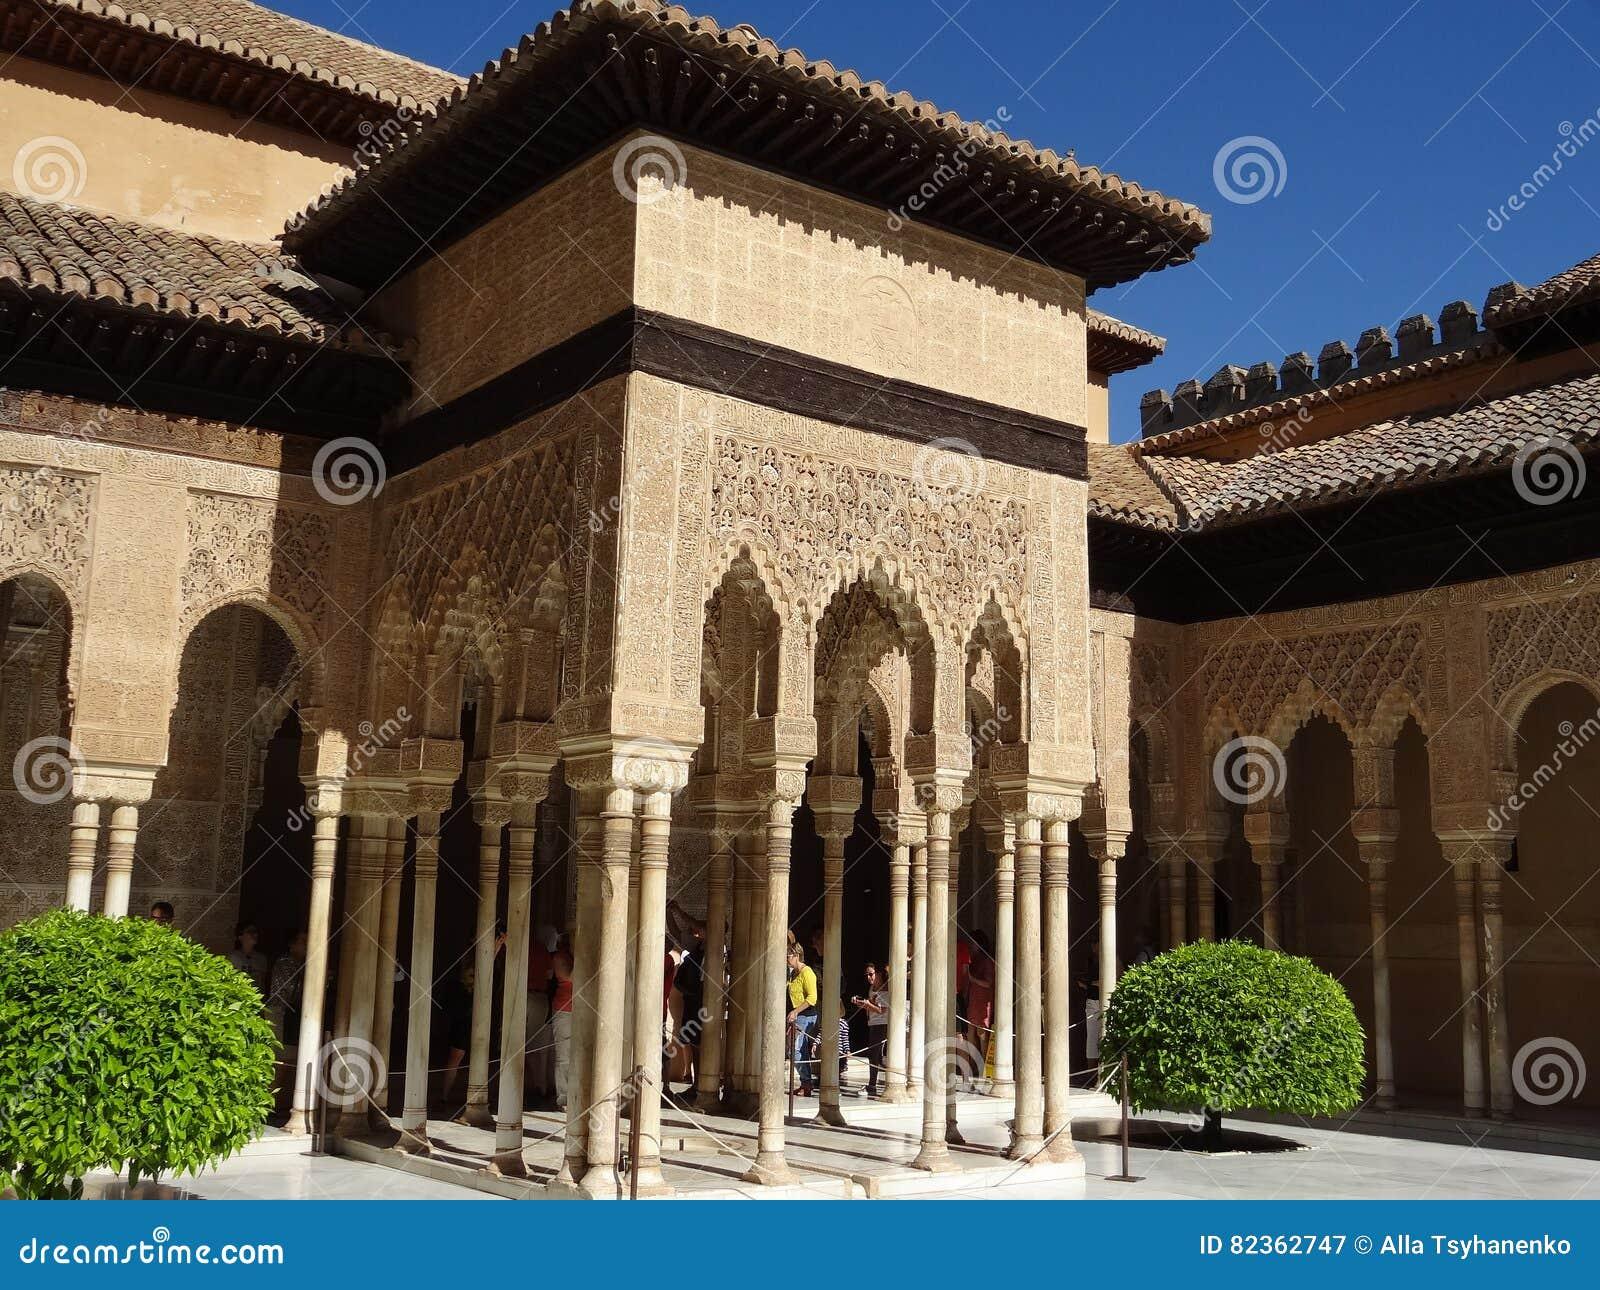 Patio De Los Leones In Alhambra Granada Spain Editorial